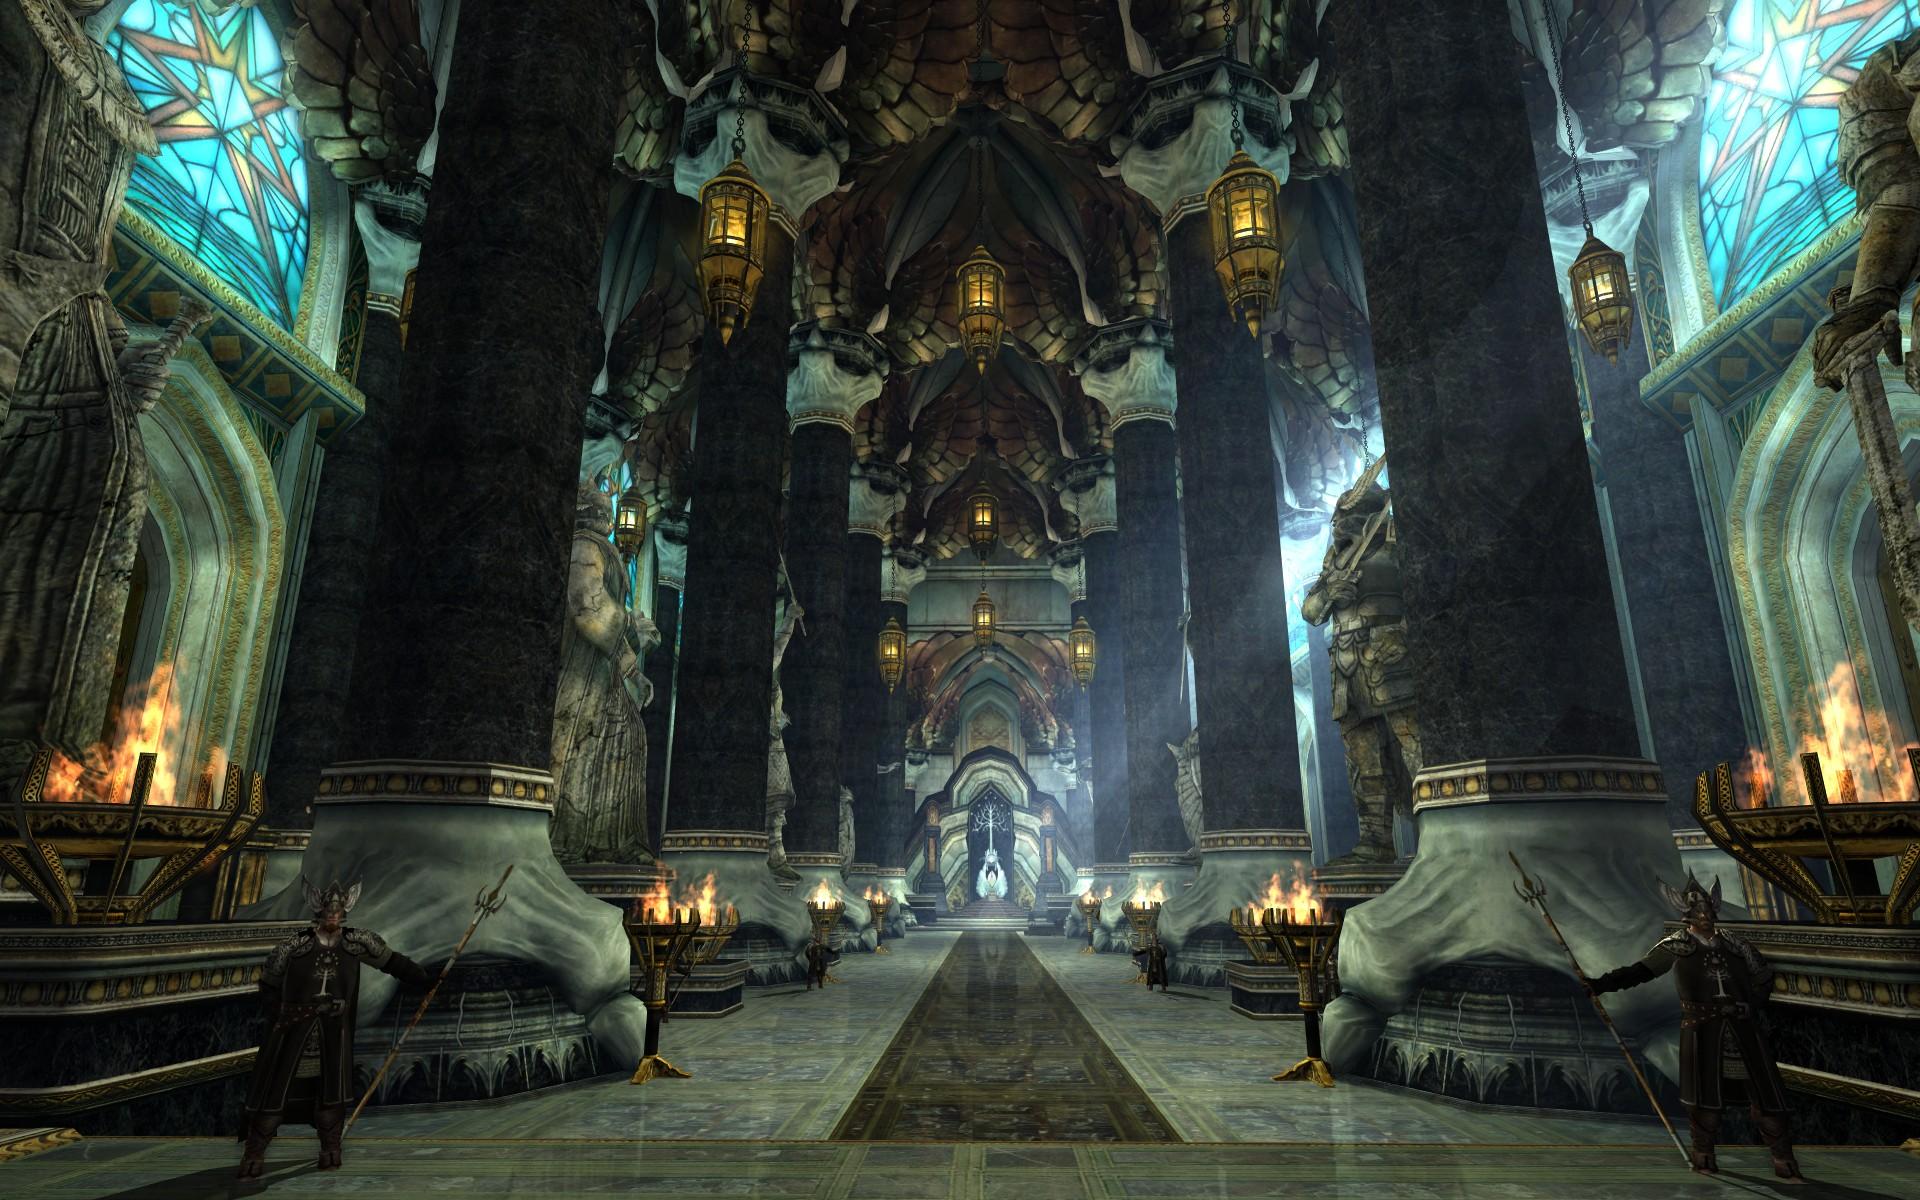 『ロード・オブ・ザ・リングス オンライン』における白の塔の大広間